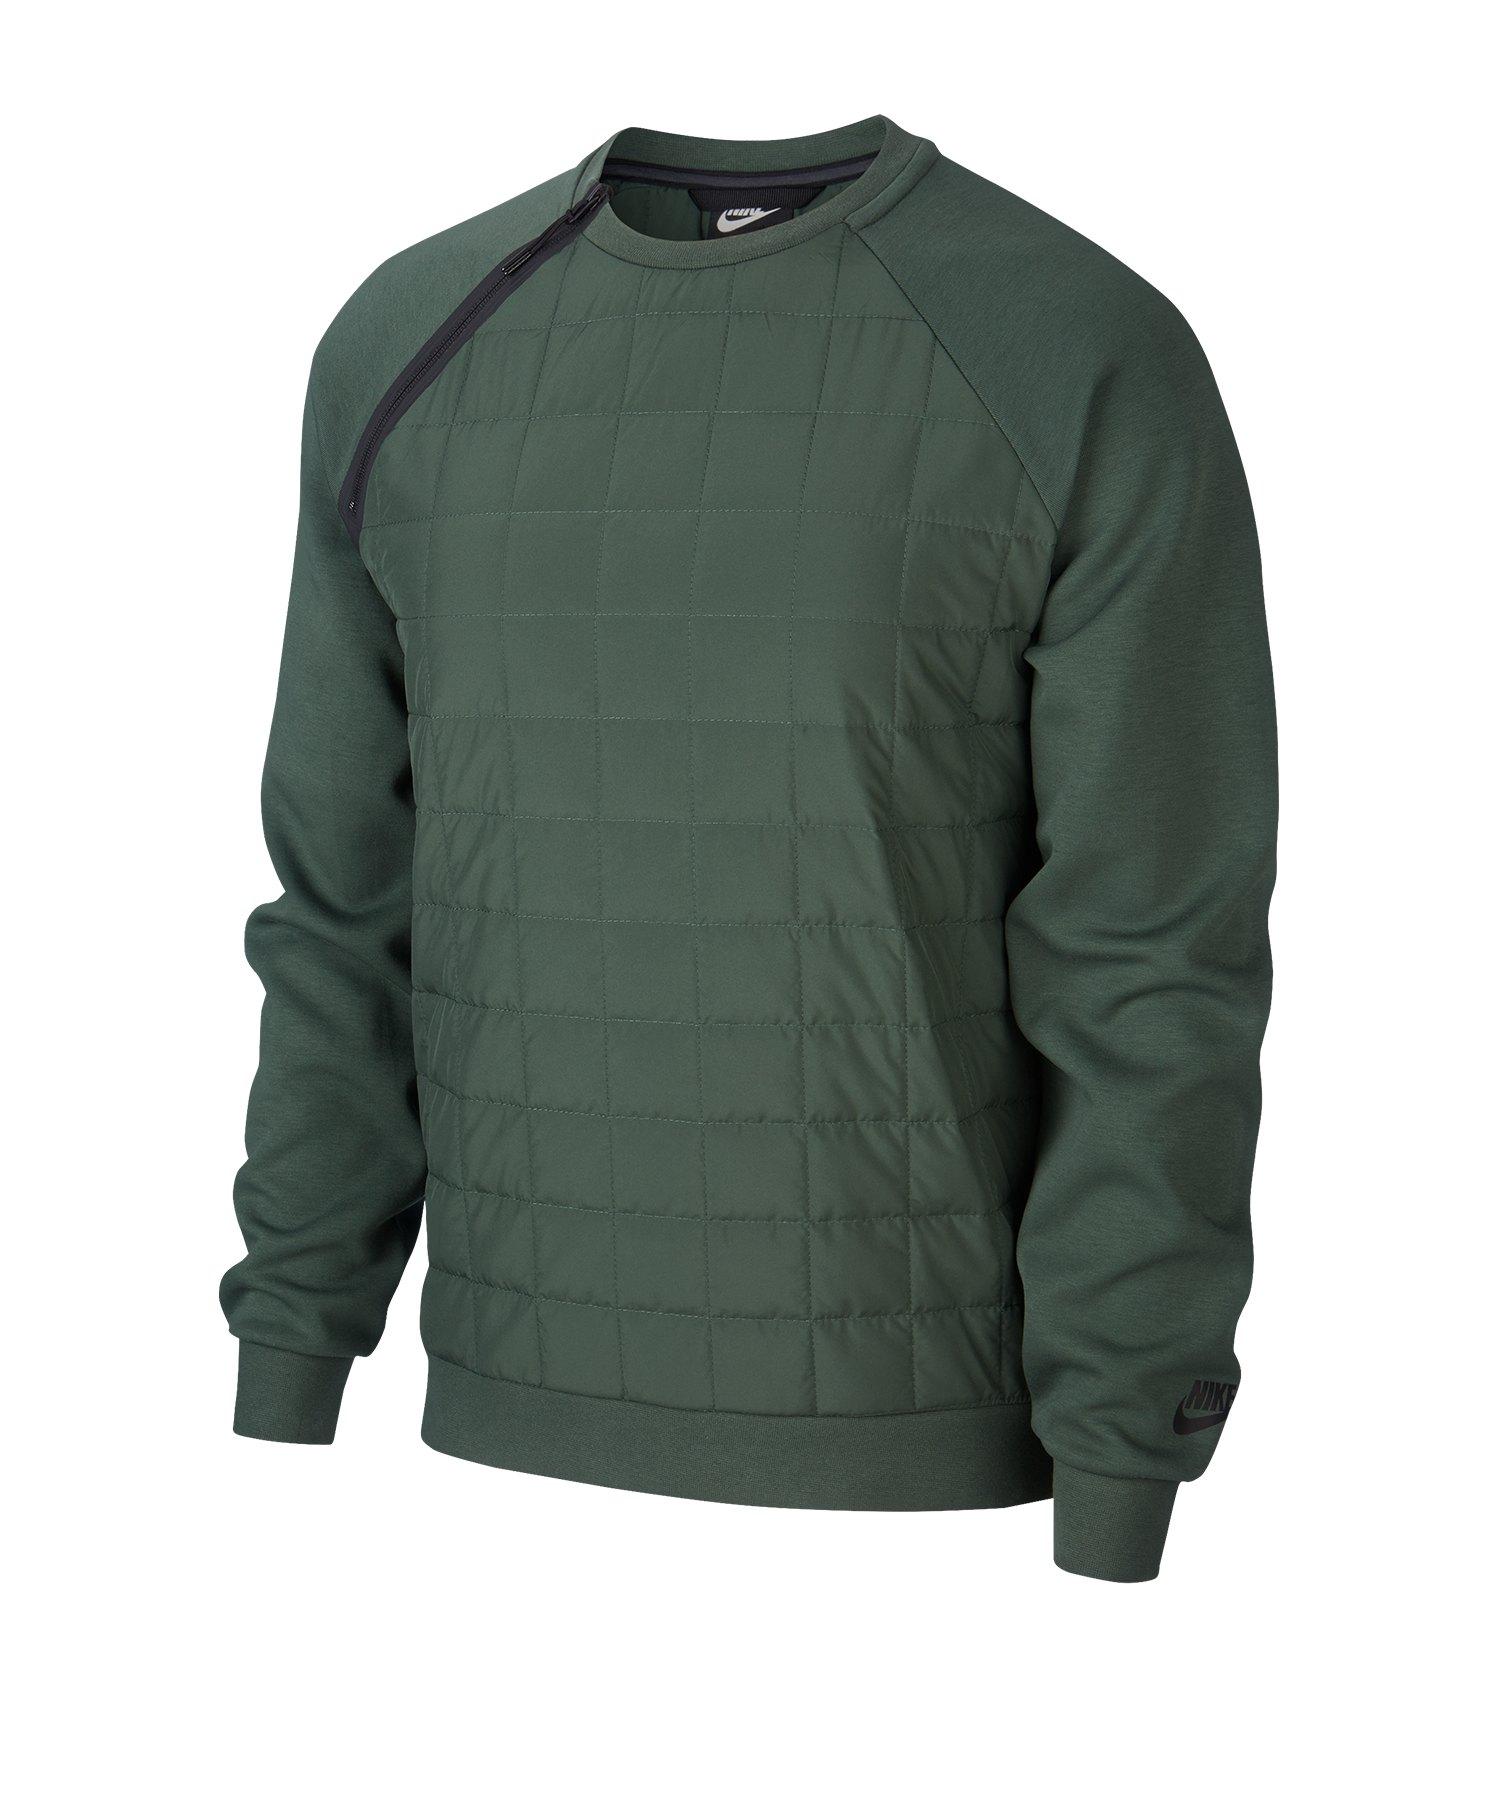 Nike Crew Sweatshirt Grün F337 - gruen